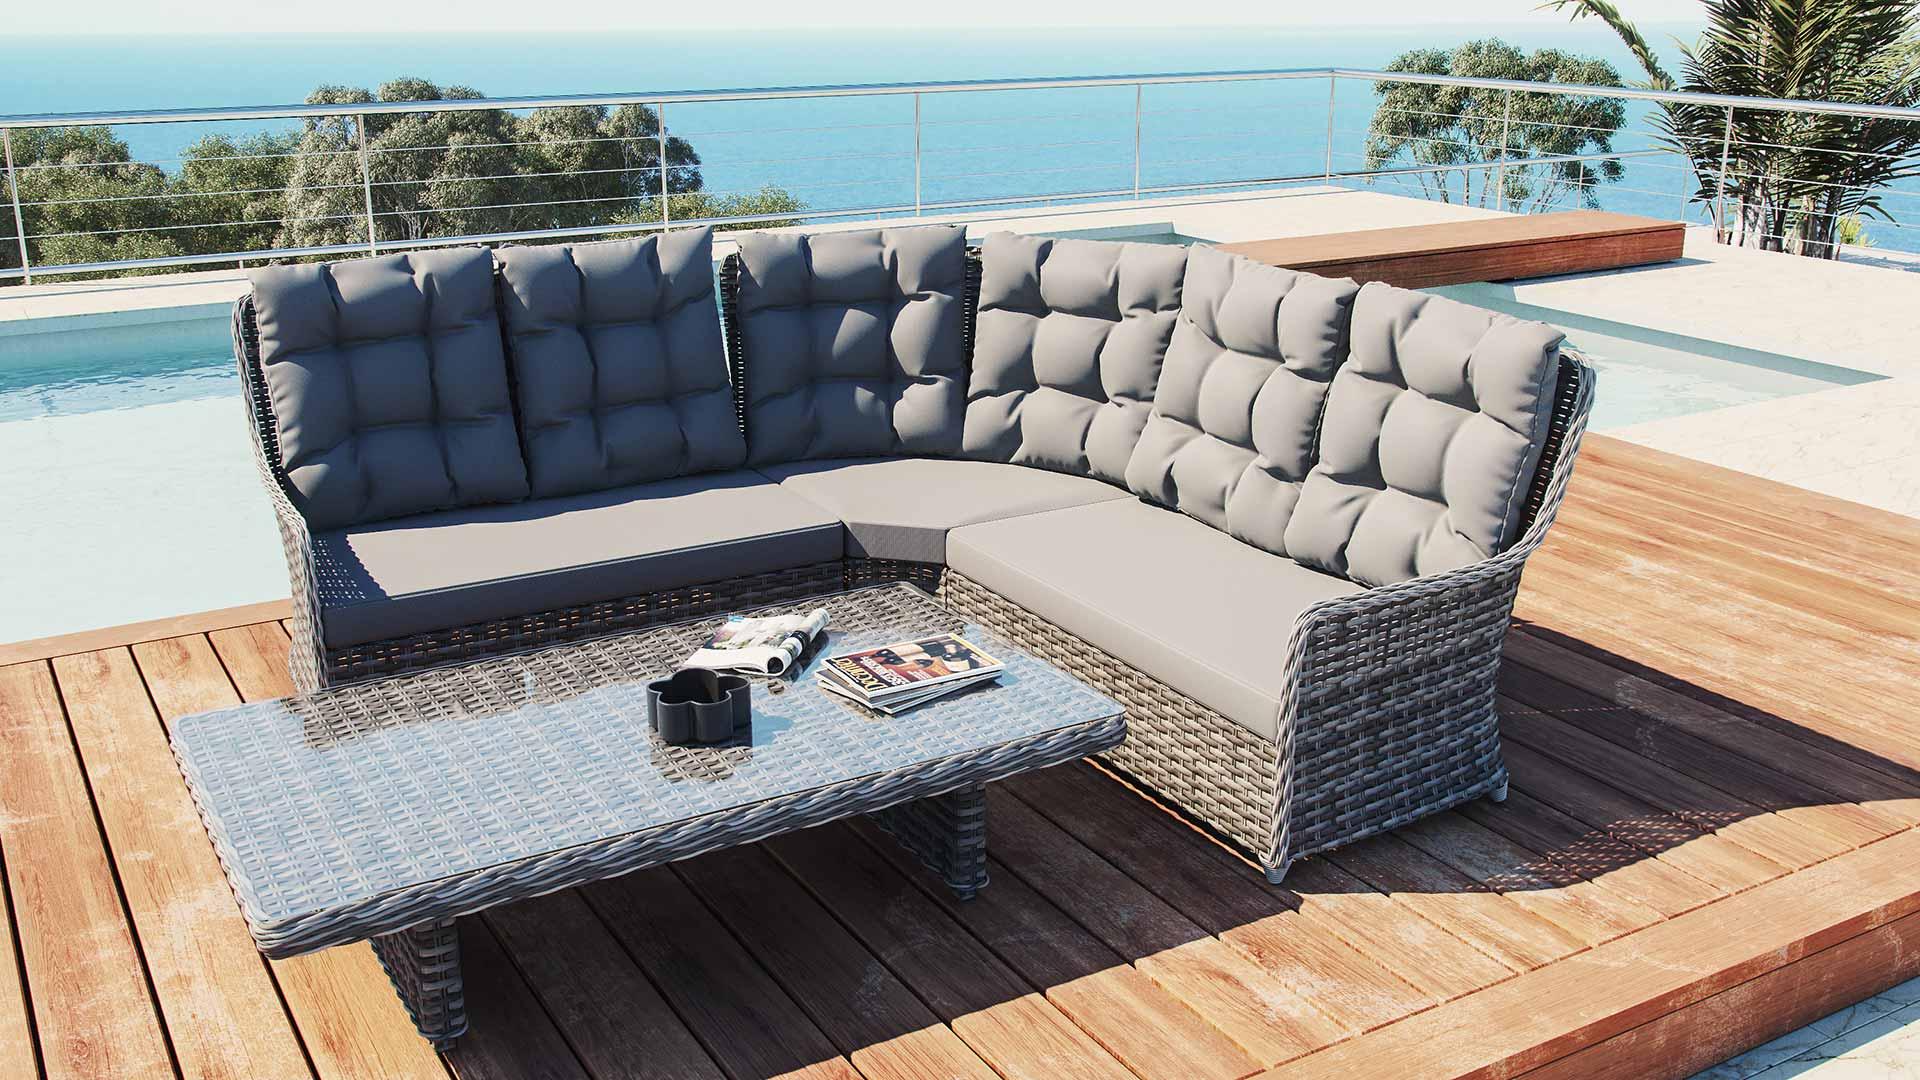 artelia gartenm bel esstisch set im lounge design g nstig im rattan shop kaufen. Black Bedroom Furniture Sets. Home Design Ideas